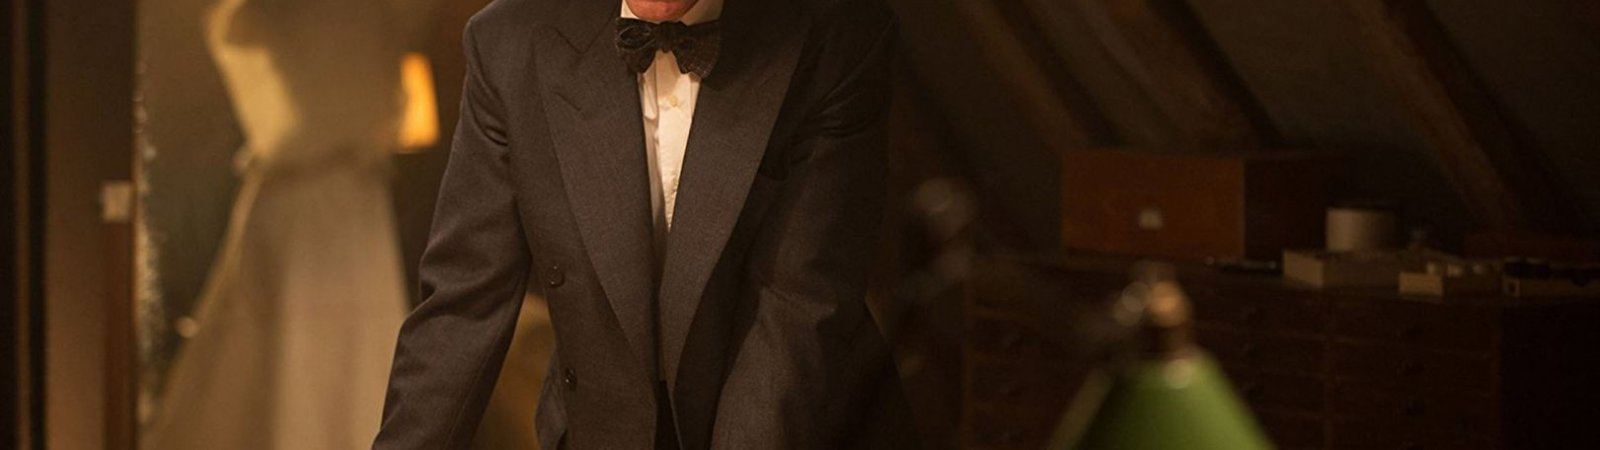 Photo dernier film Daniel Day-Lewis